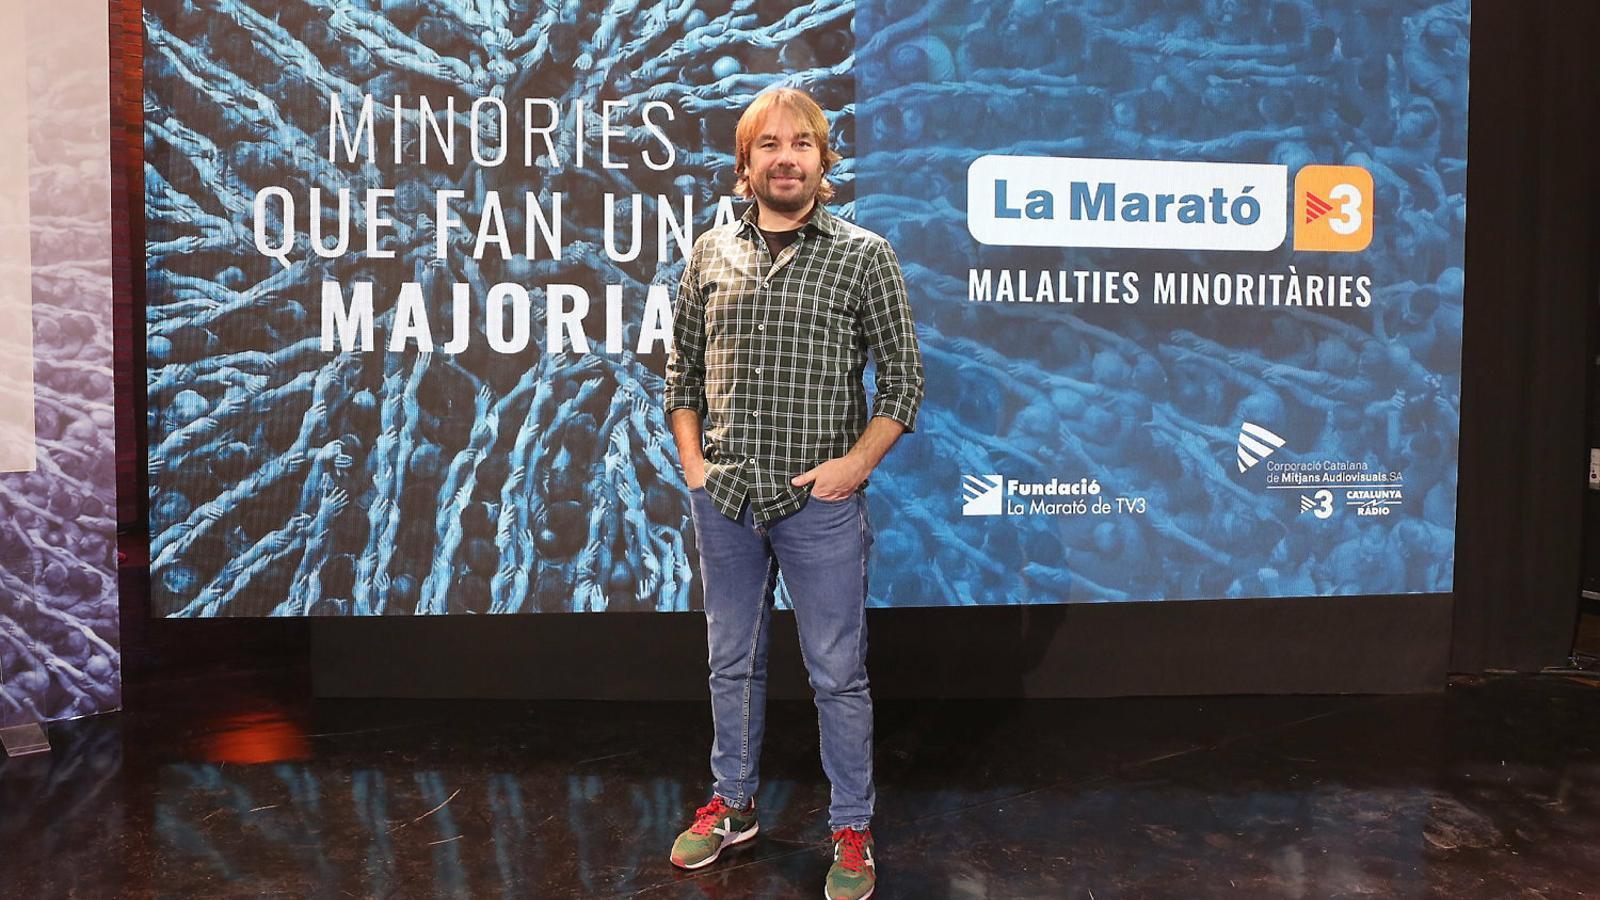 """Quim Masferrer: """"L'objectiu de 'La Marató' és reafirmar-nos com a país i com a solidaris"""""""